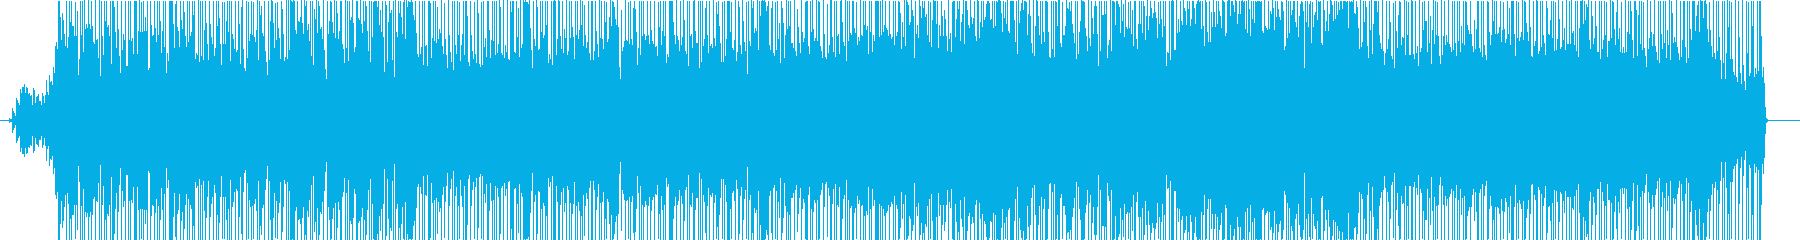 ホタルの再生済みの波形